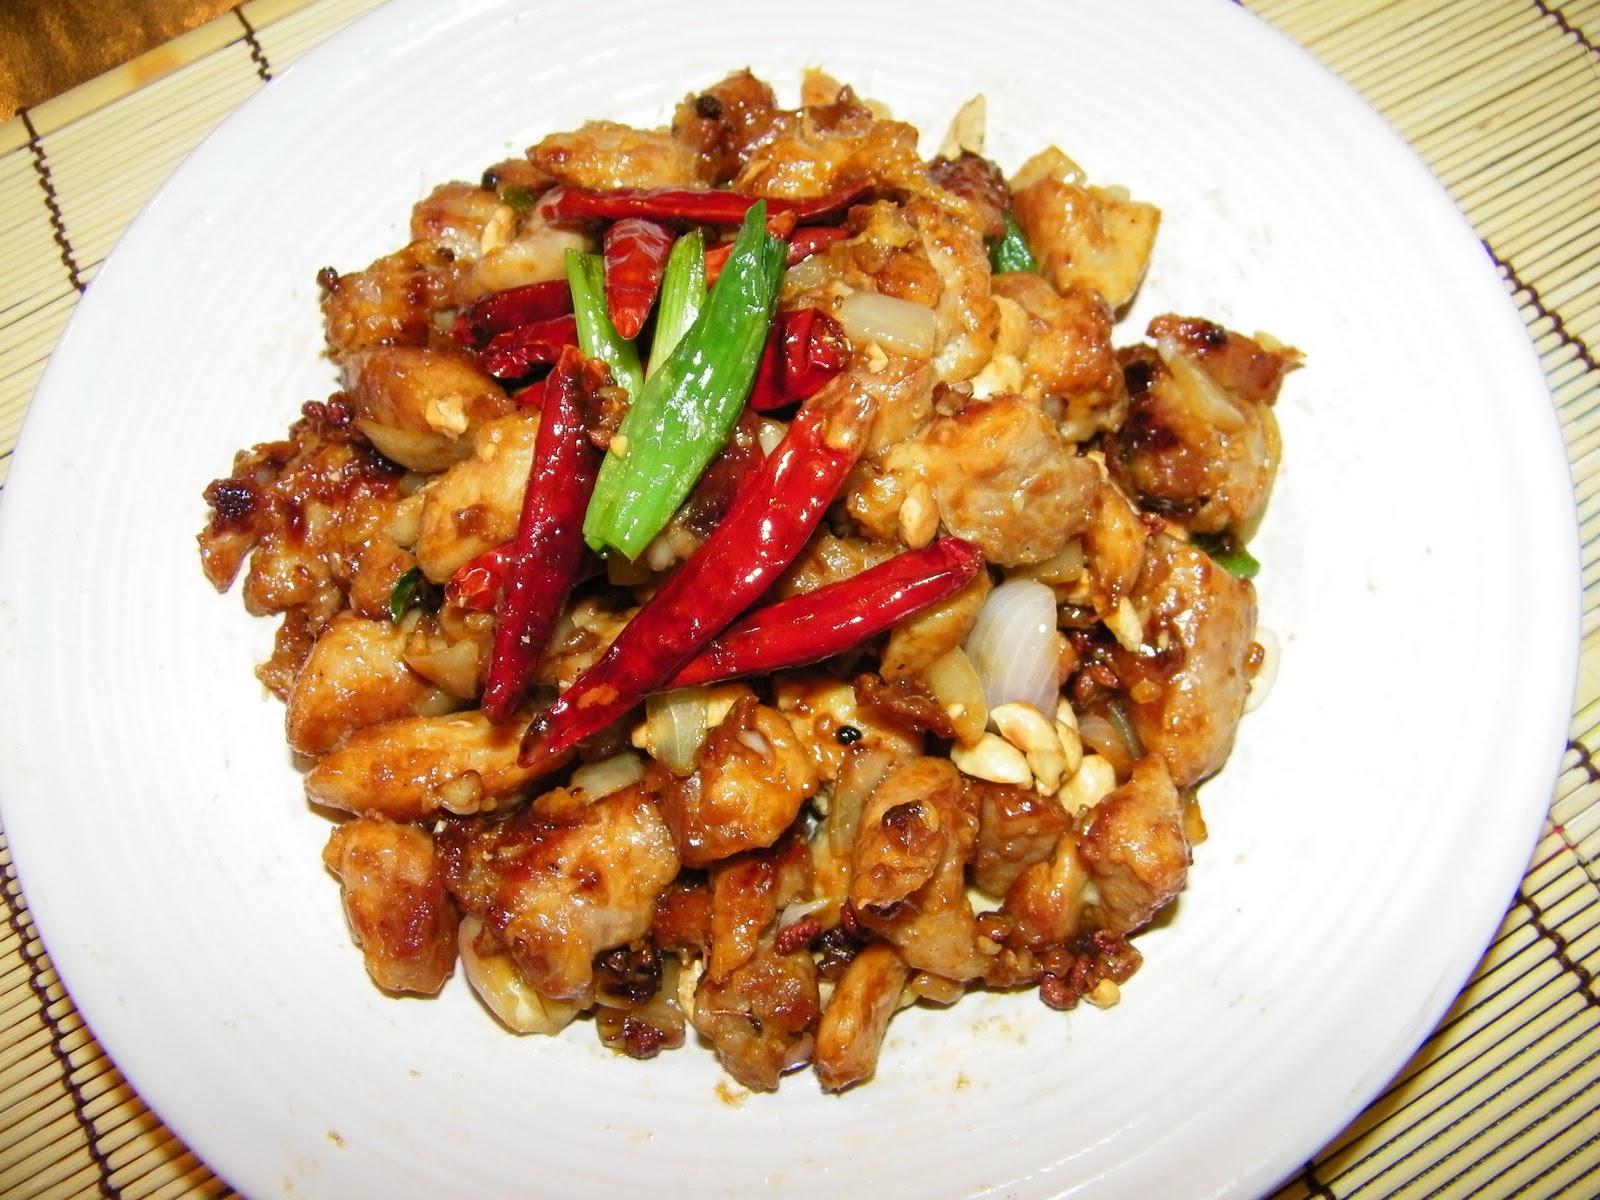 little bellevue kitchen kung pao chicken 罕箘筬网篩笶罠篋筍网篋竅